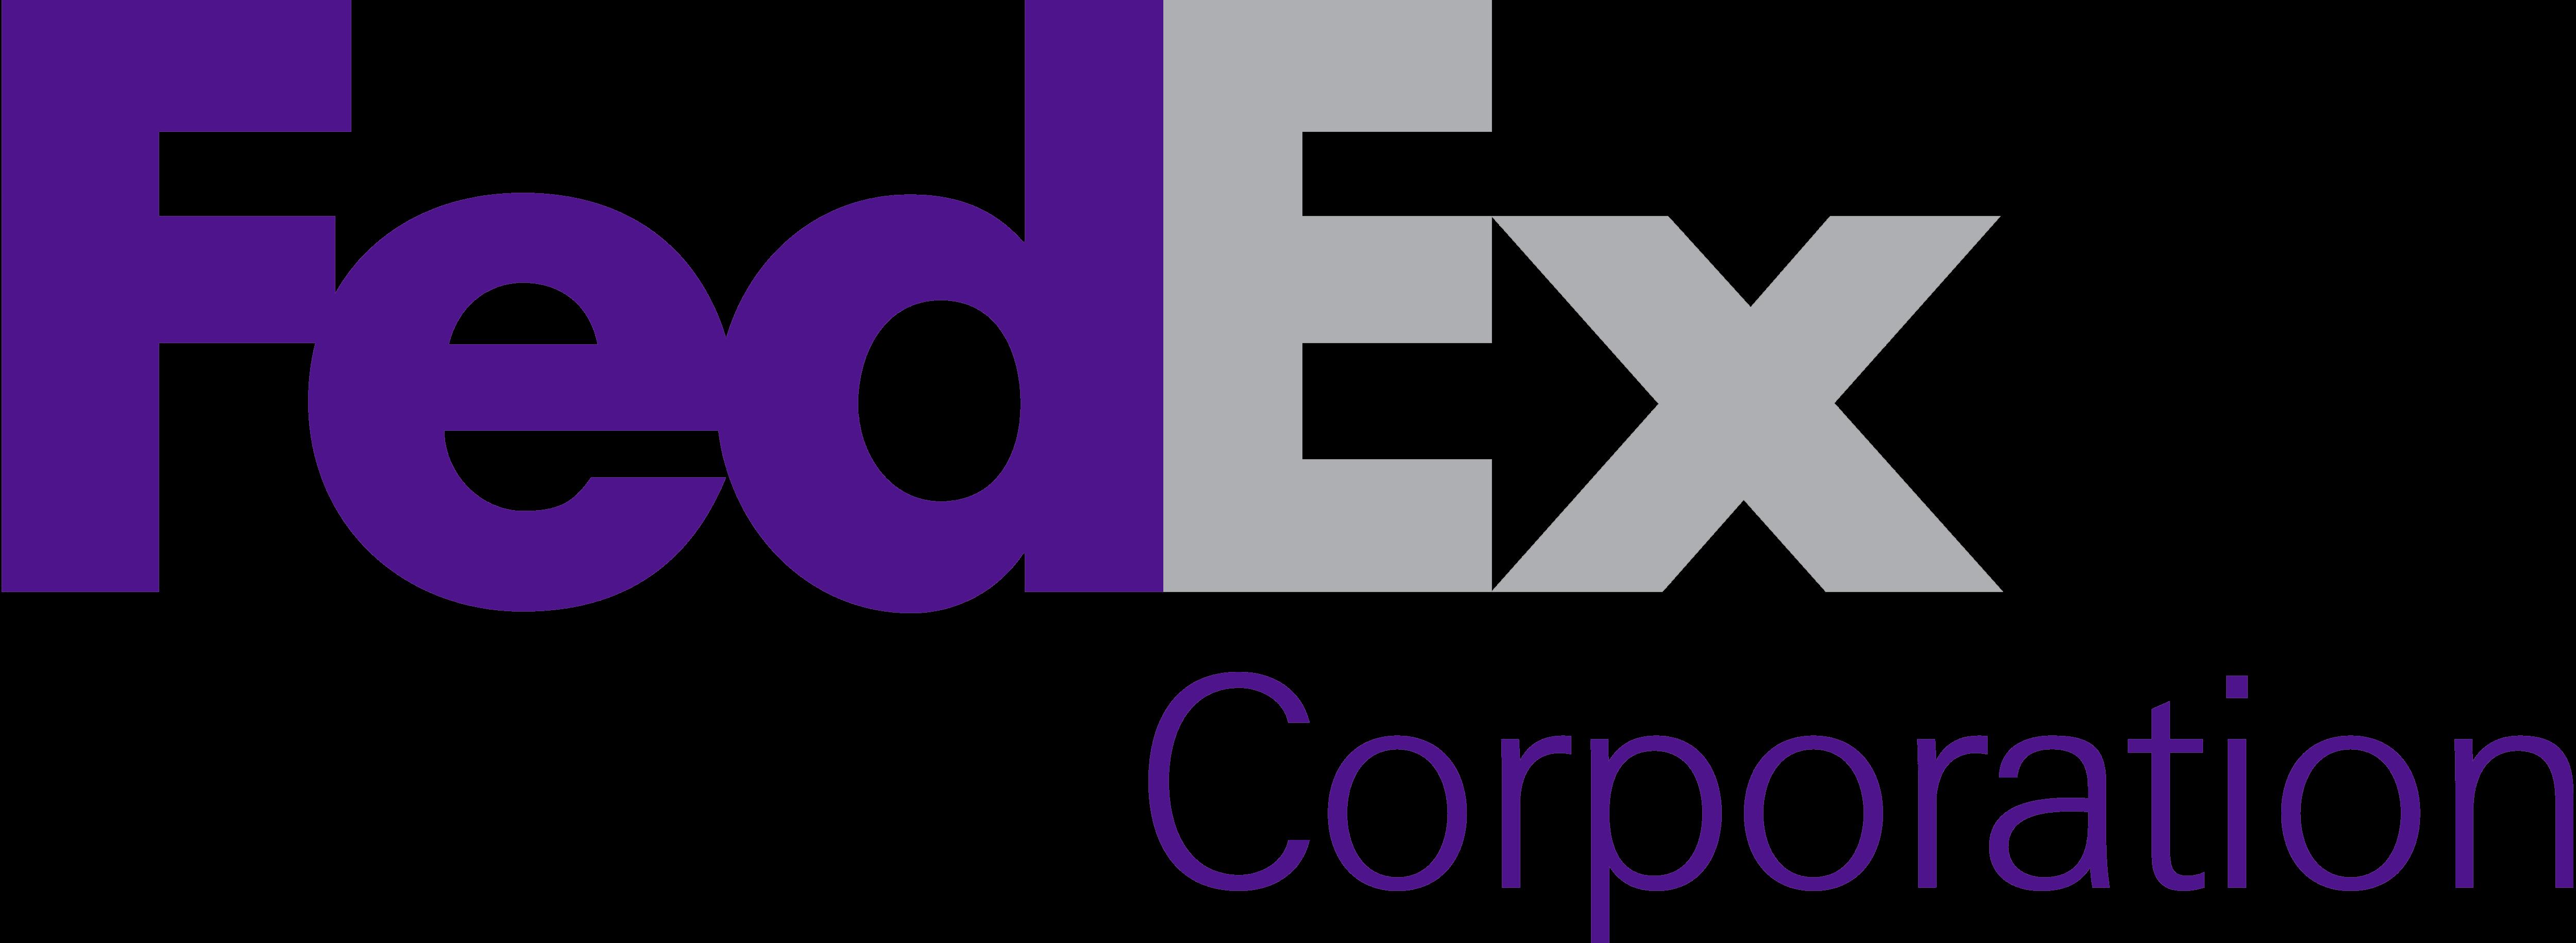 FedEx - Fedex PNG